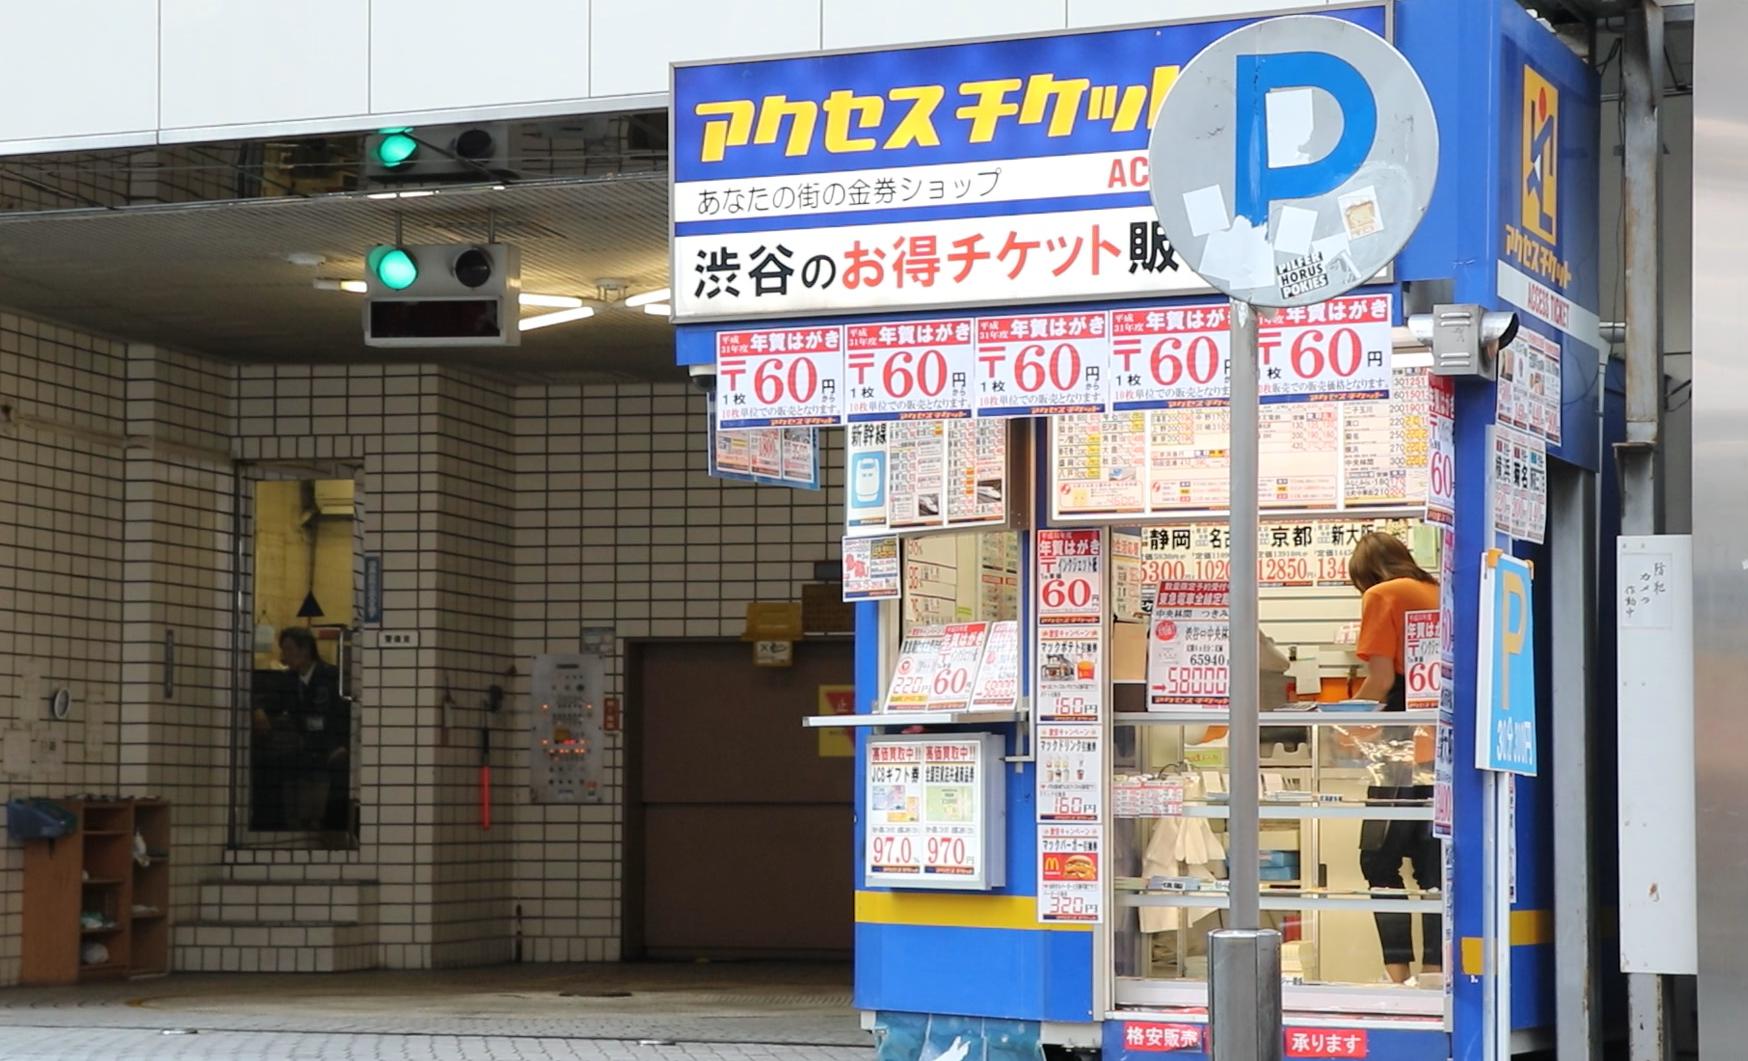 kinken shop secret of japan